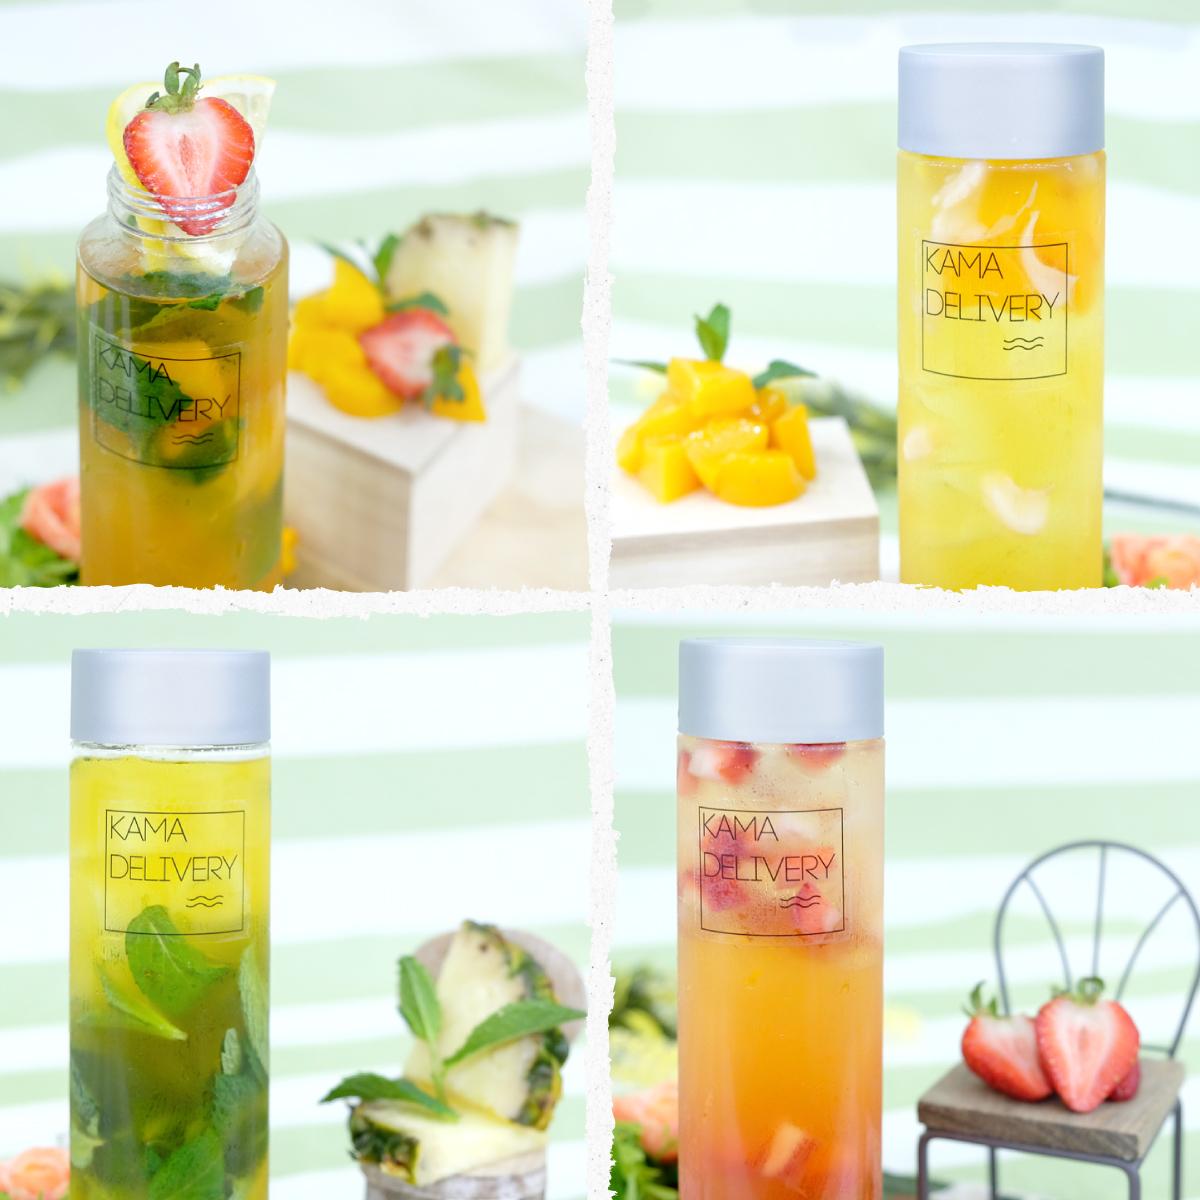 Kamadelivery推出的果茶到會飲品系列